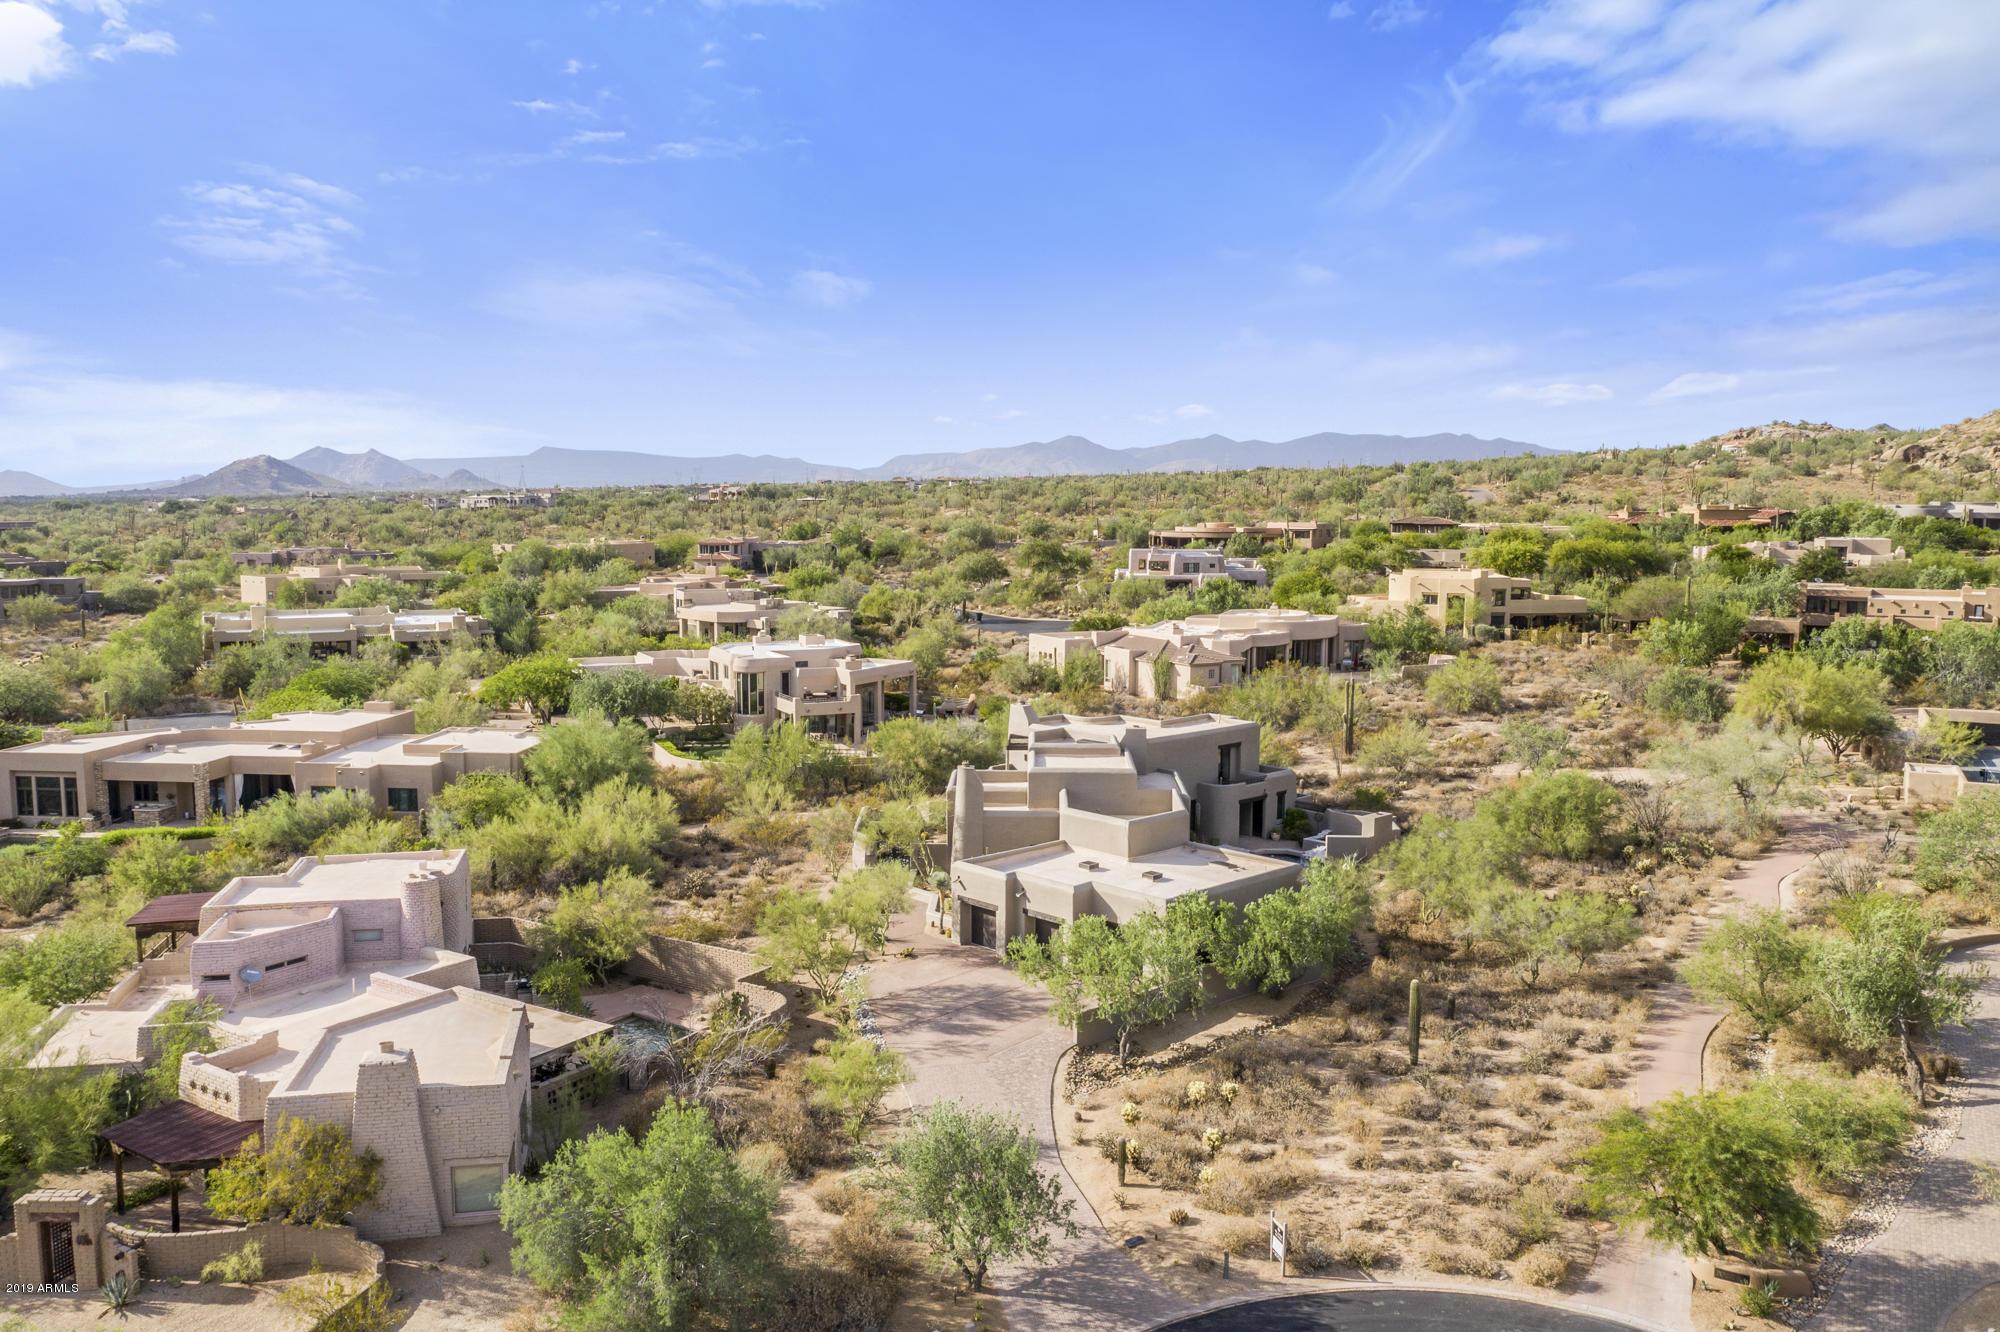 MLS 5936722 10040 E HAPPY VALLEY Road Unit 456, Scottsdale, AZ 85255 Scottsdale AZ Desert Highlands